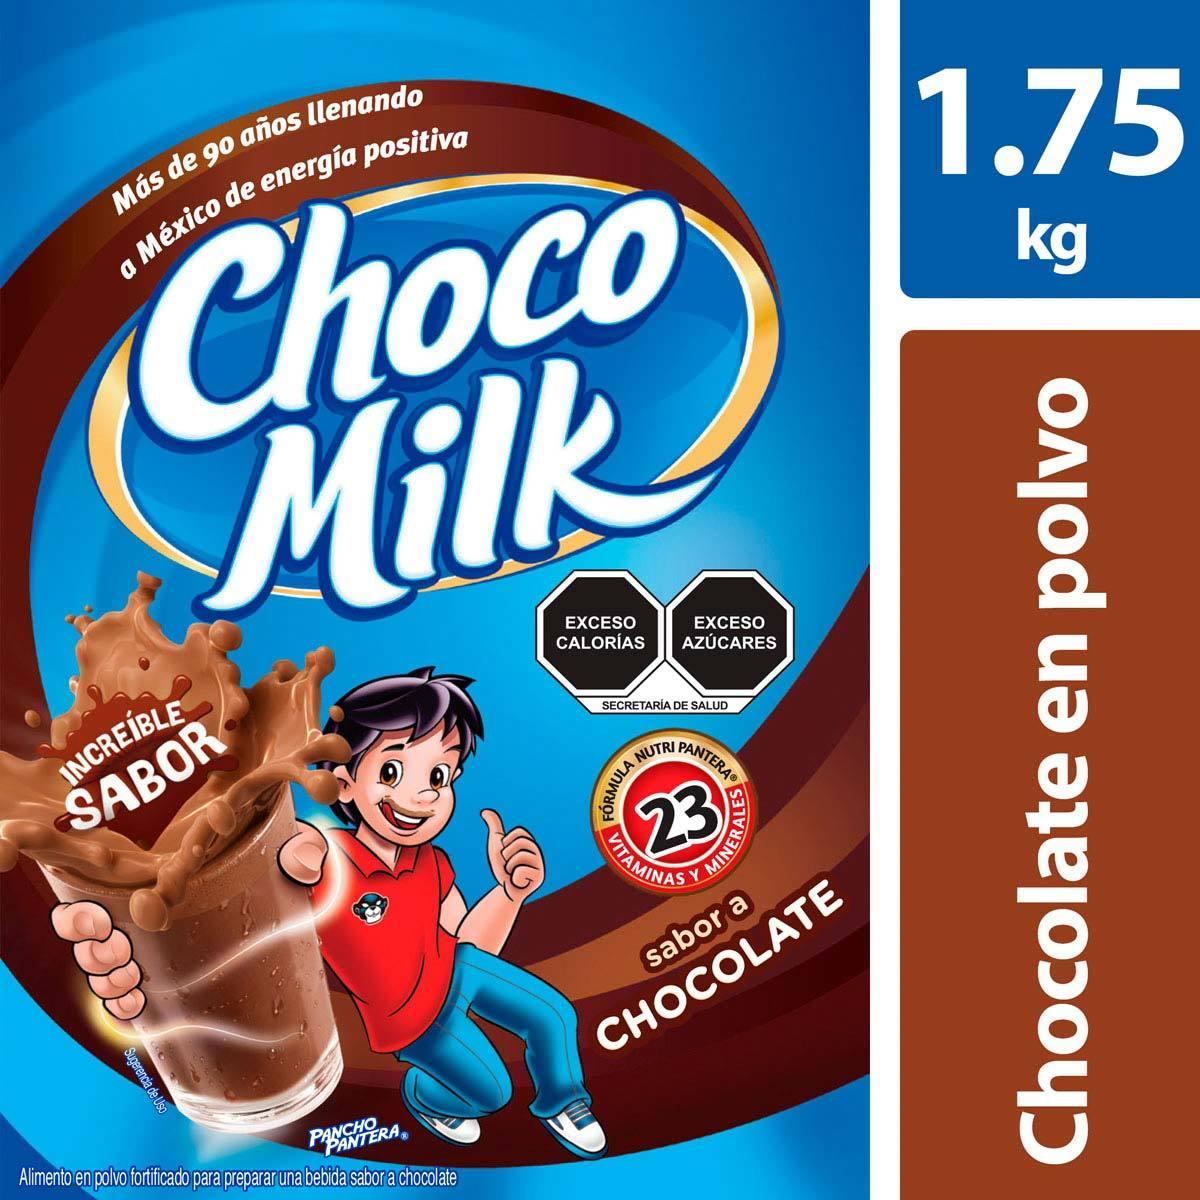 Chedraui Lata Choco Milk 1.75 Kg